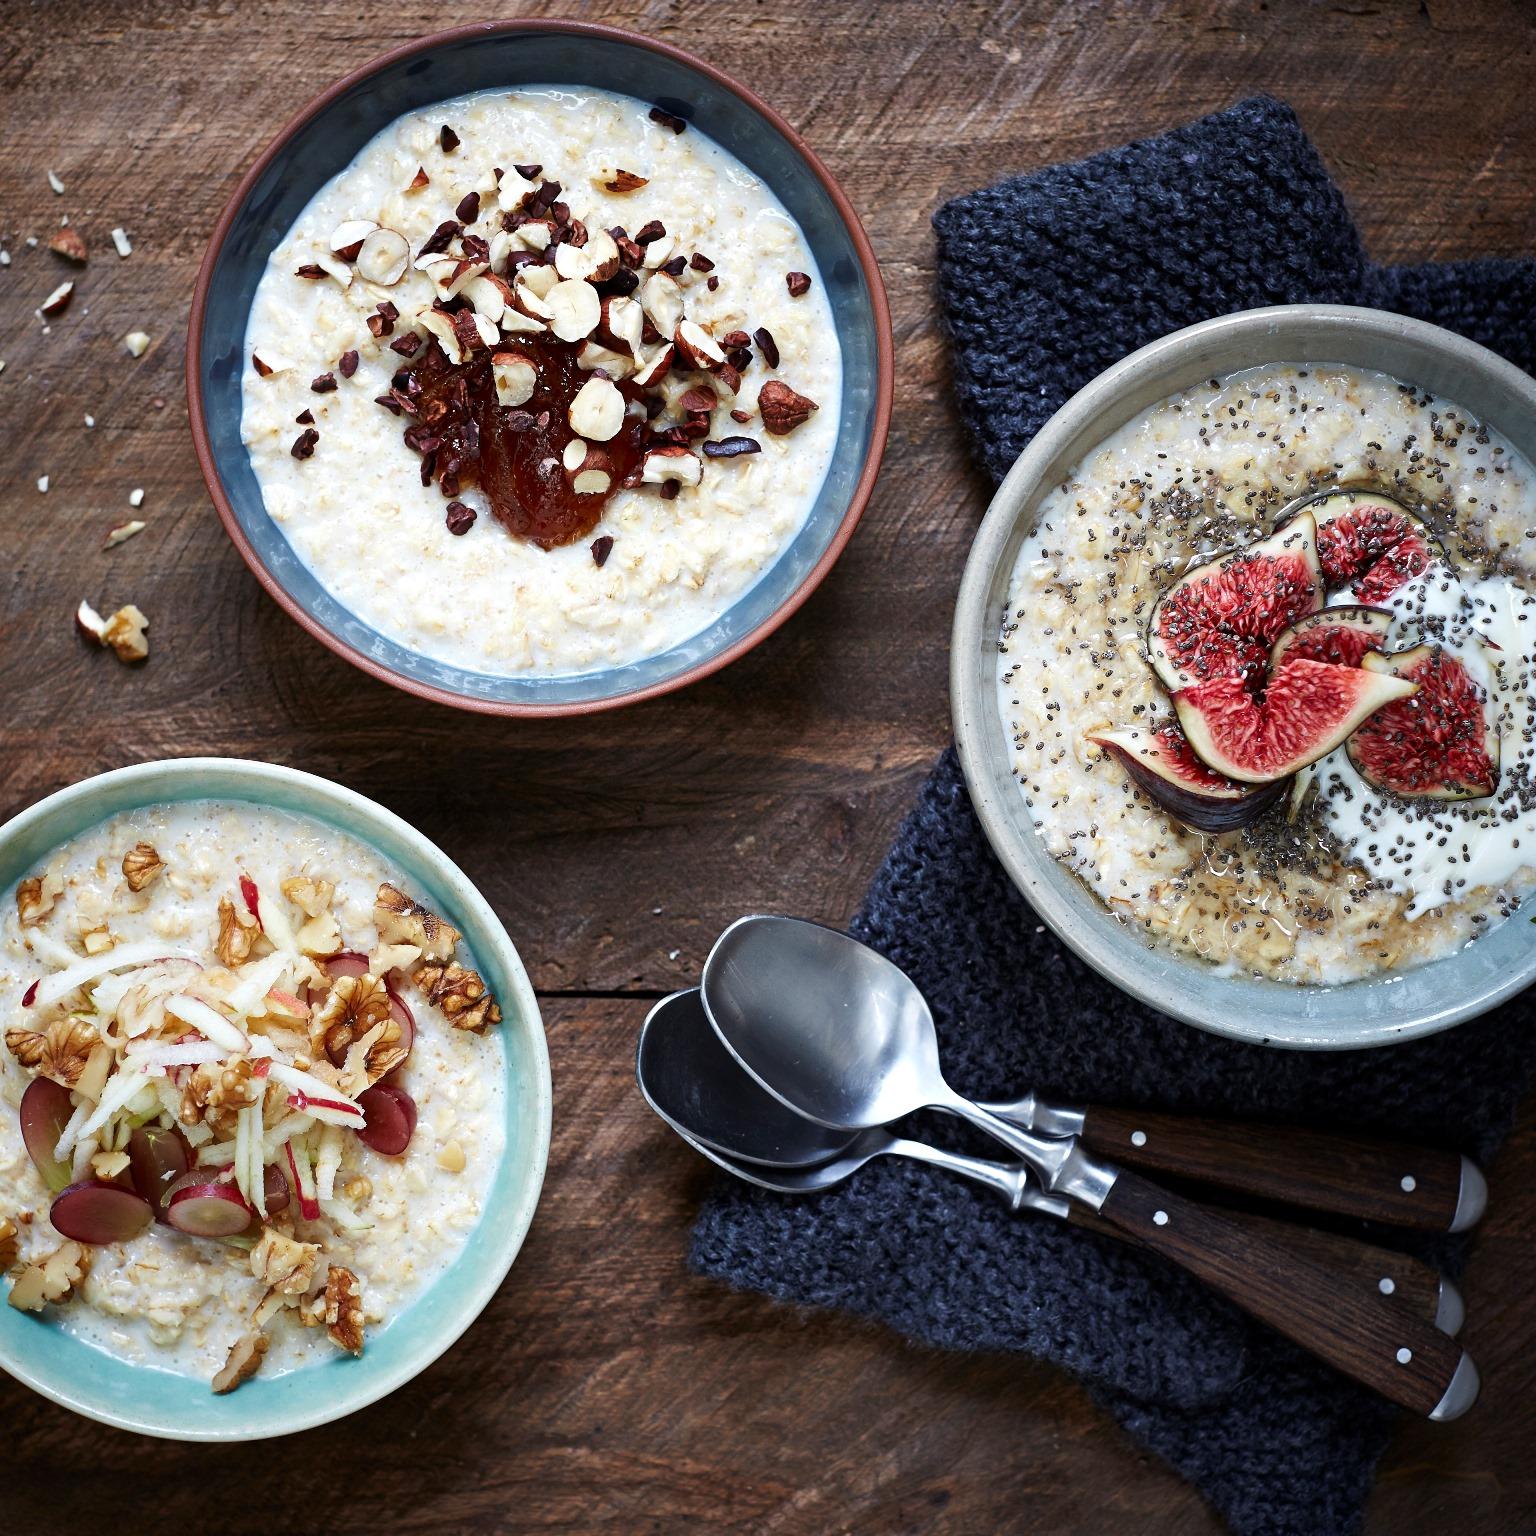 Завтрак школьника от Джейми Оливера: 5 вкусных рецептов для хорошего начала дня